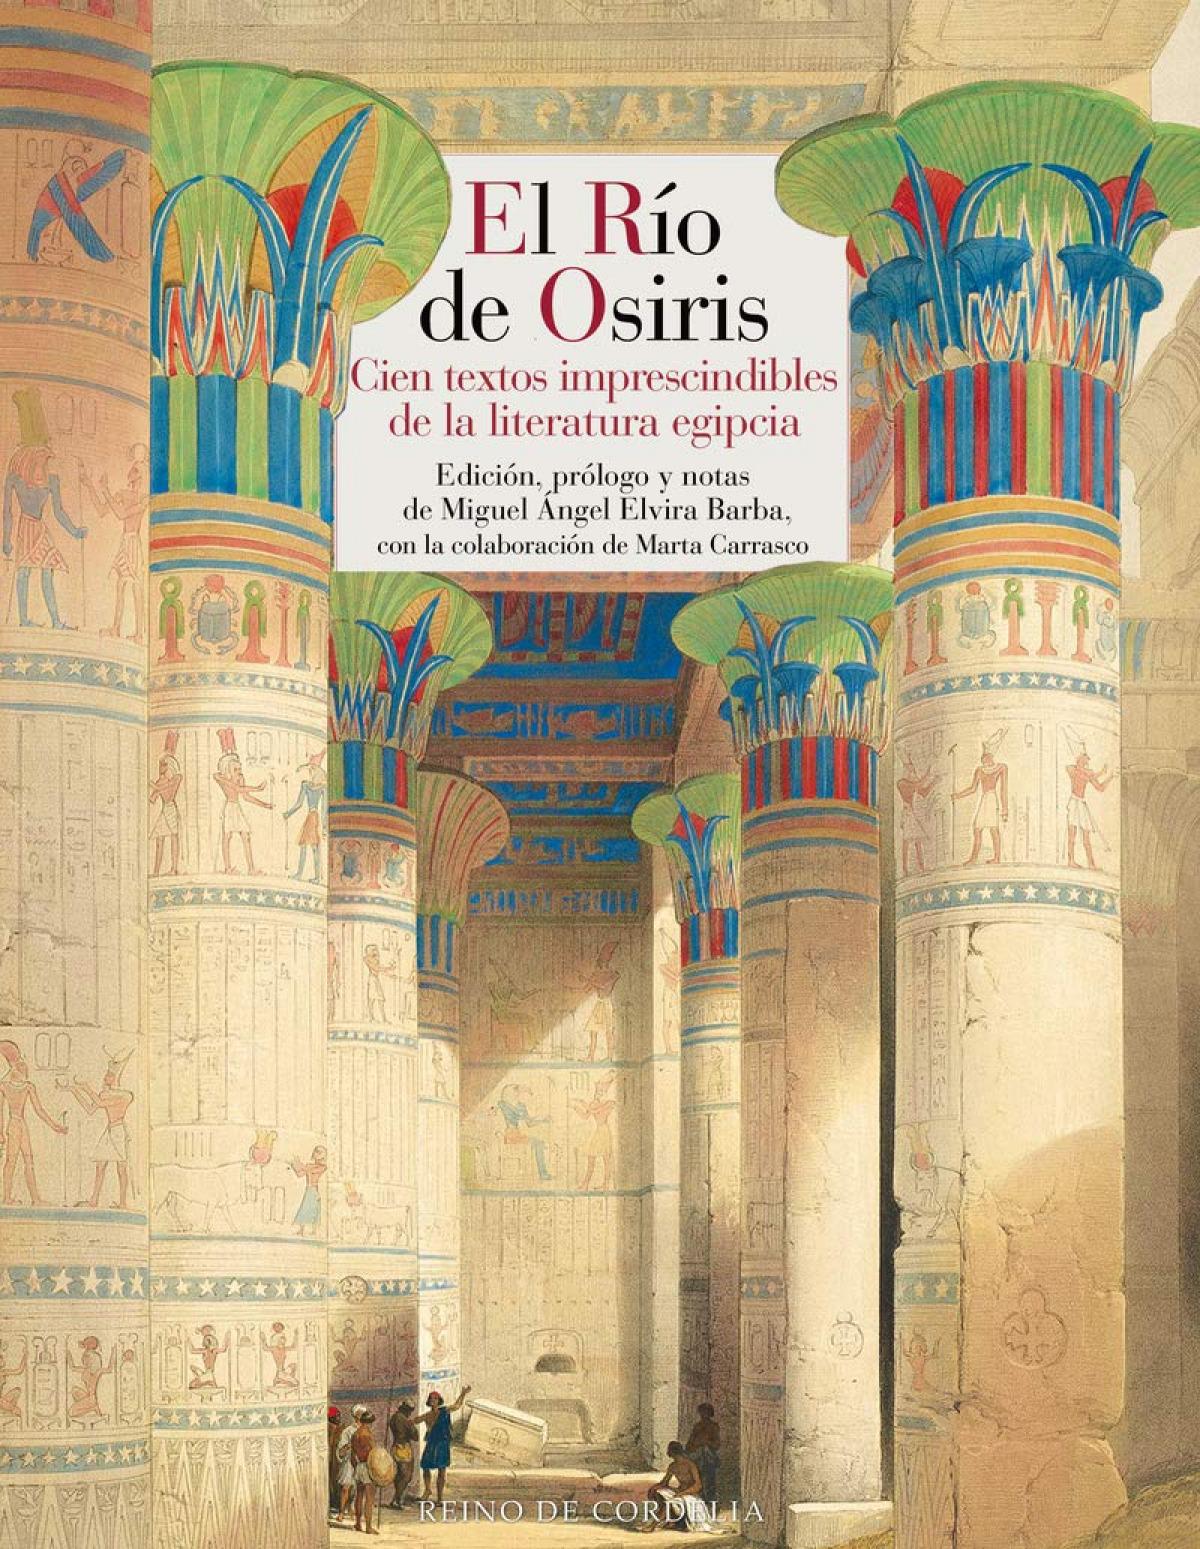 El río de Osiris